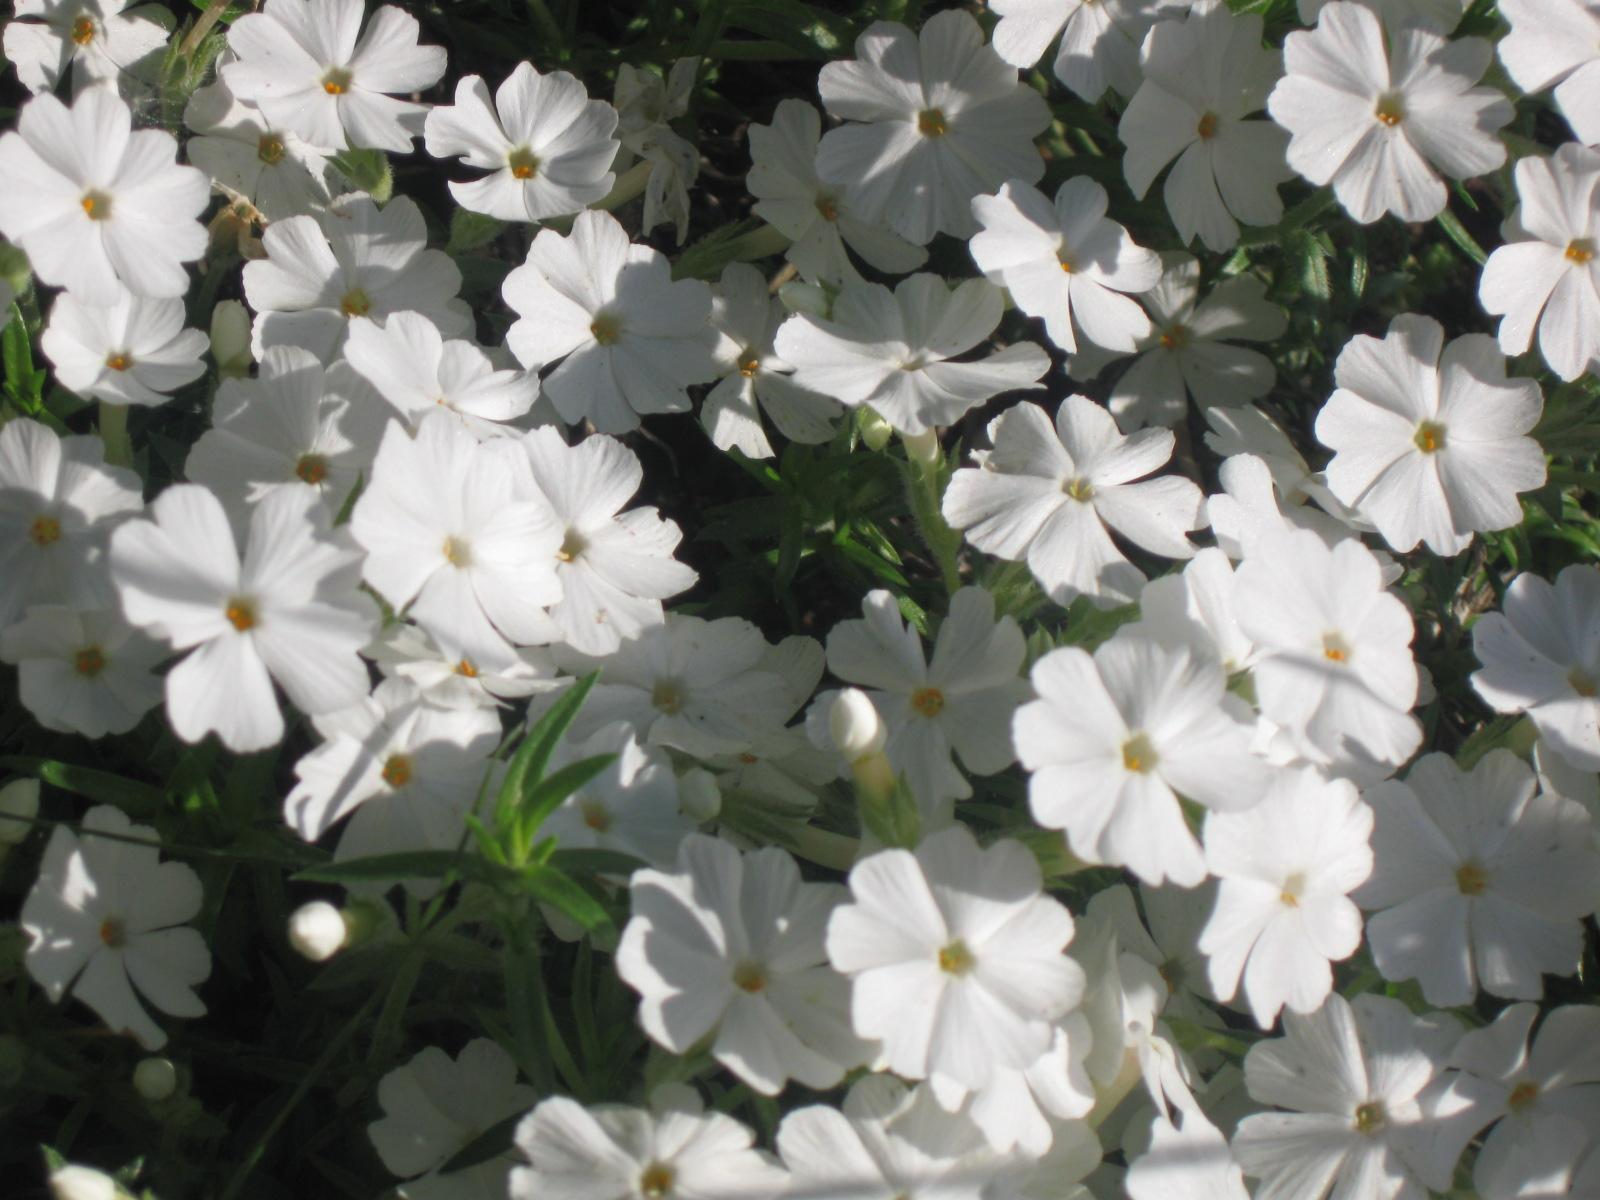 Низкорослые цветы - как выбрать и украсить клумбу низкорослыми цветами